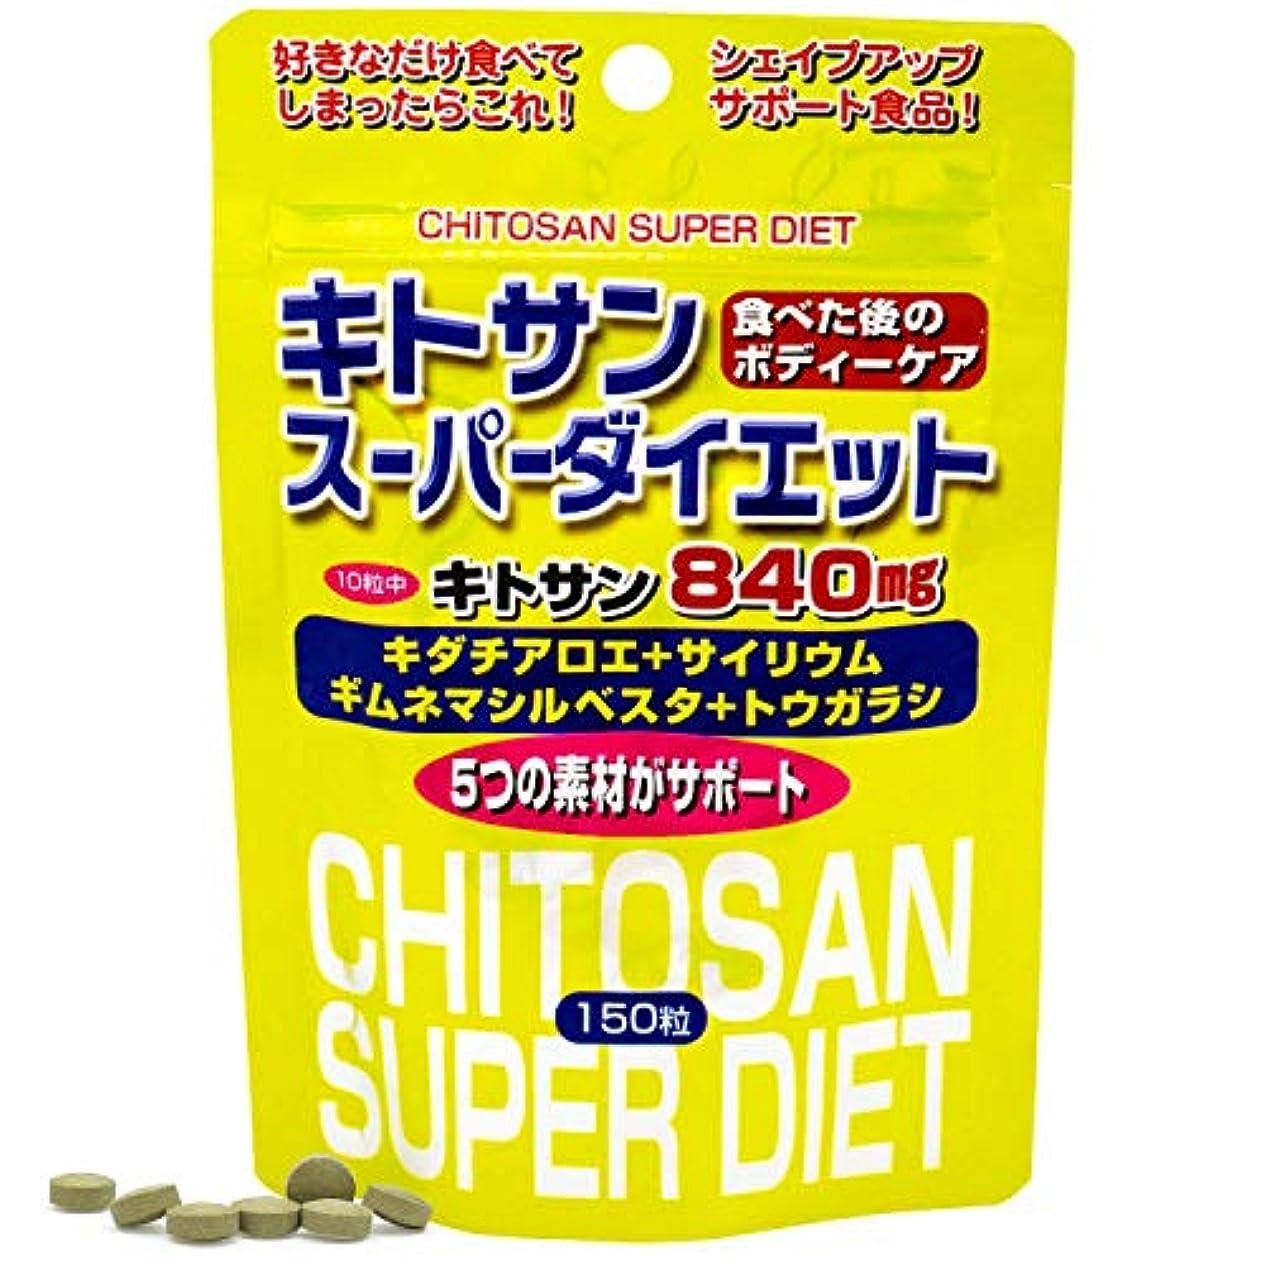 矢カートリッジ修正するユウキ製薬 スタンドパック キトサンスーパーダイエット 15-21日分 150粒